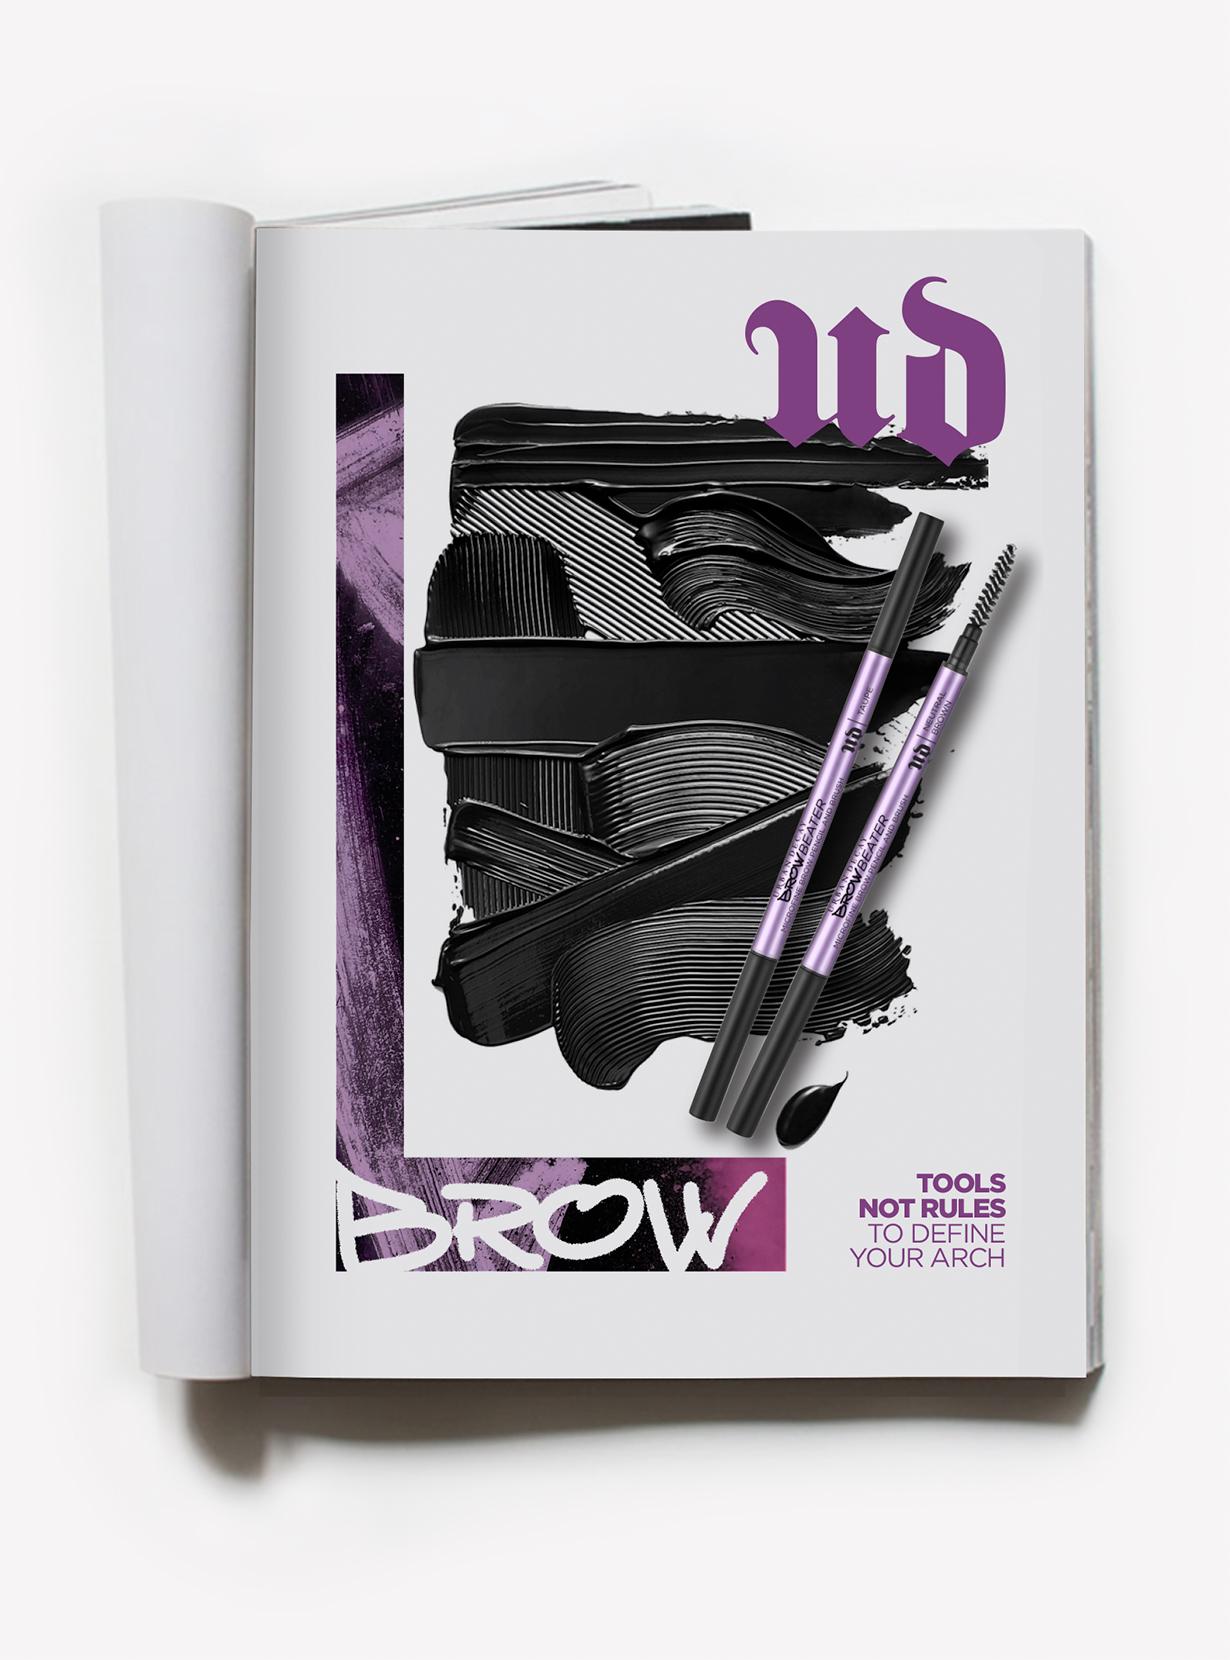 BROW_Branding_magazine-3.jpg